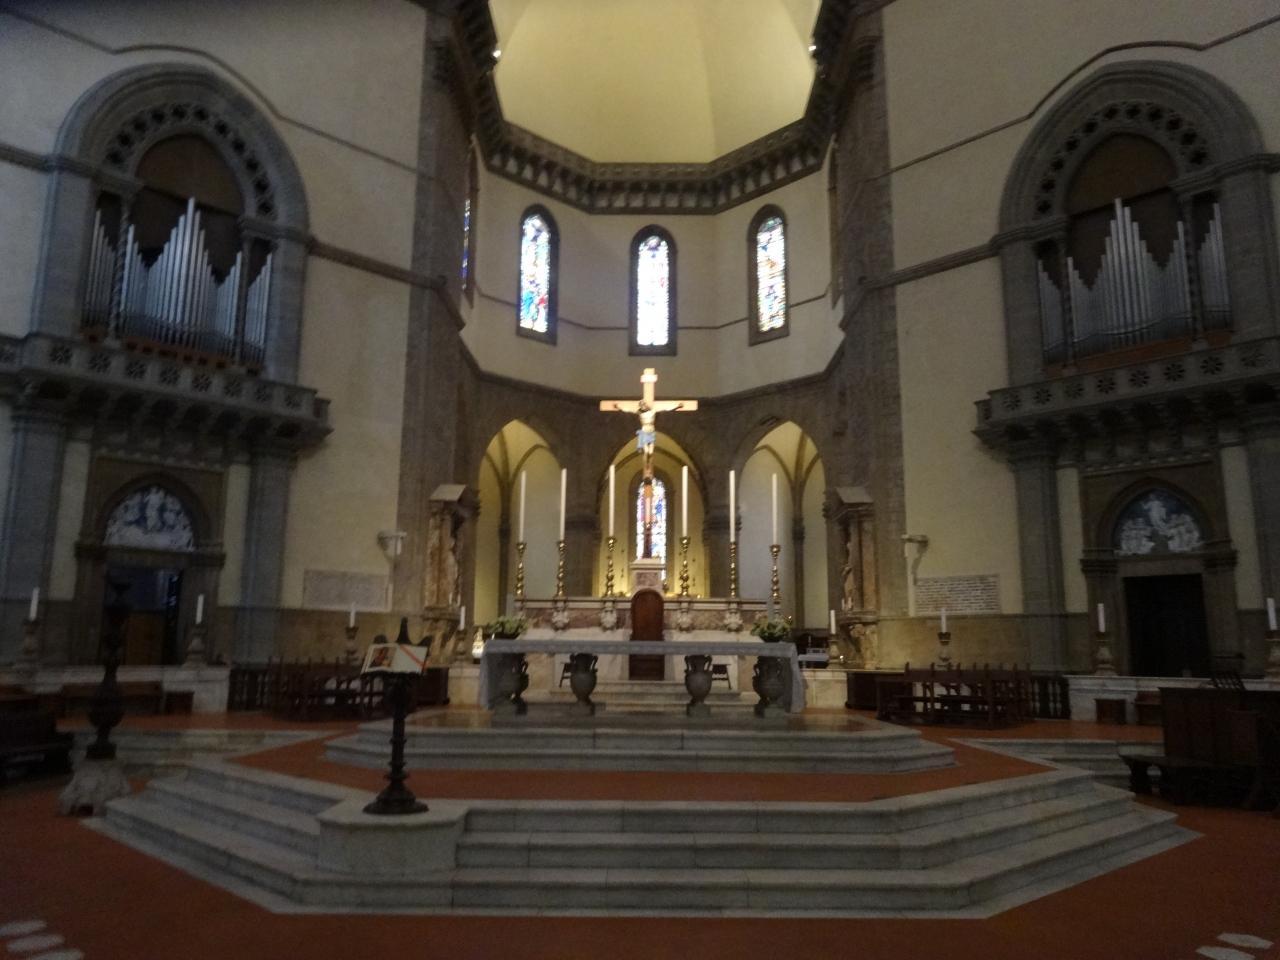 サンタ・マリア・デル・フィオーレ大聖堂の画像 p1_31